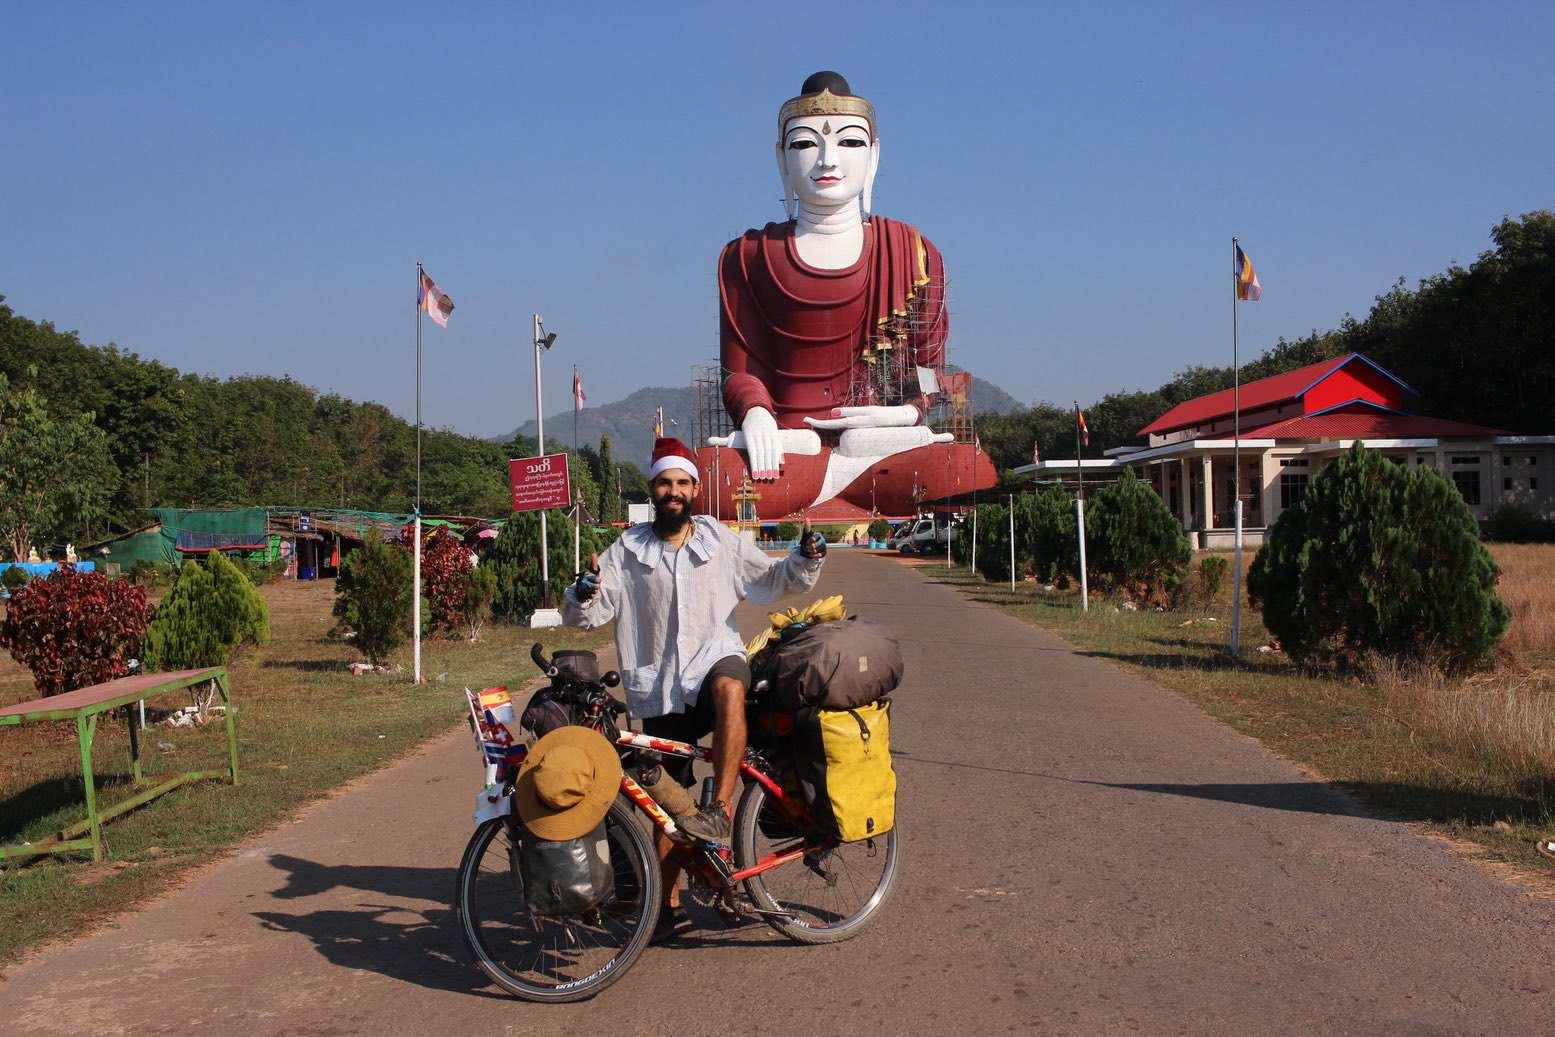 Perlé desea FELIZ NAVIDAD a todos sus seguidoresdesde Birmania.  12